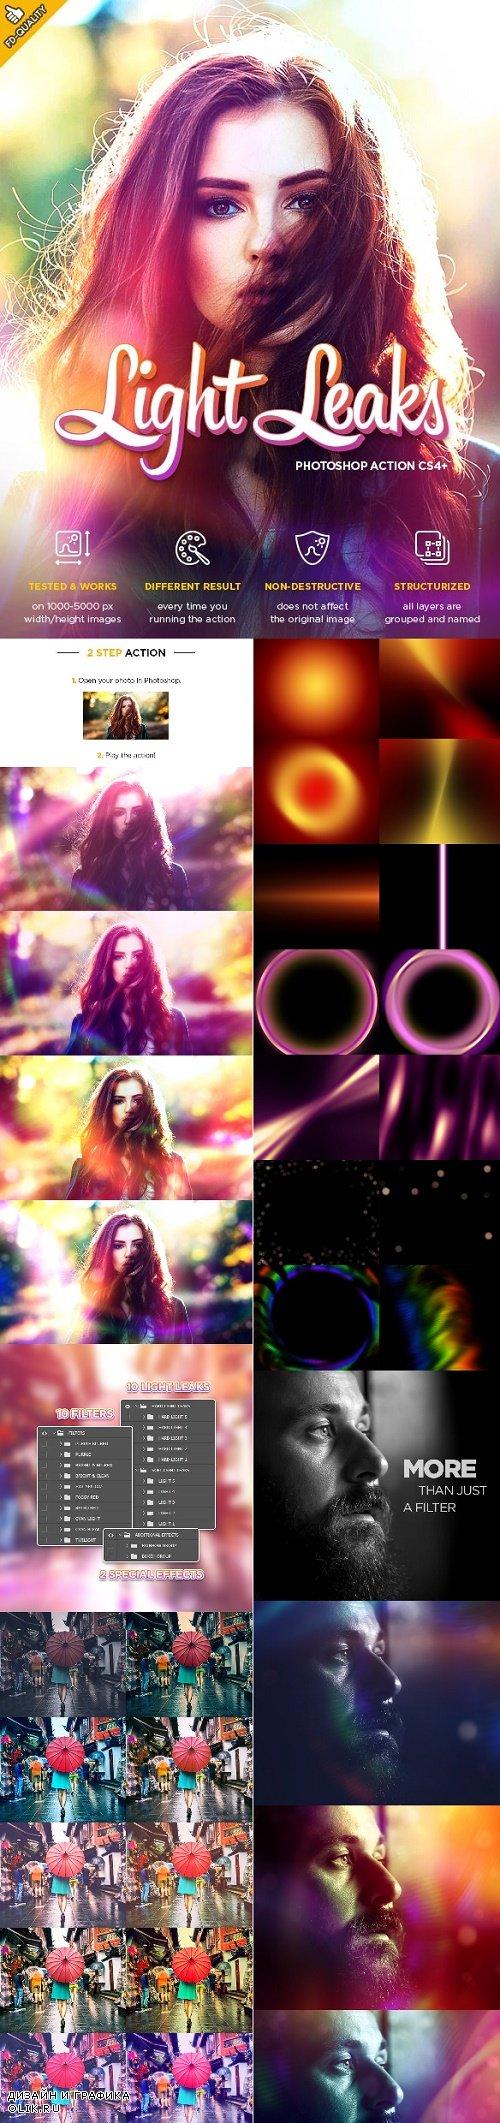 Light Leaks CS4+ Photoshop Action 24580816